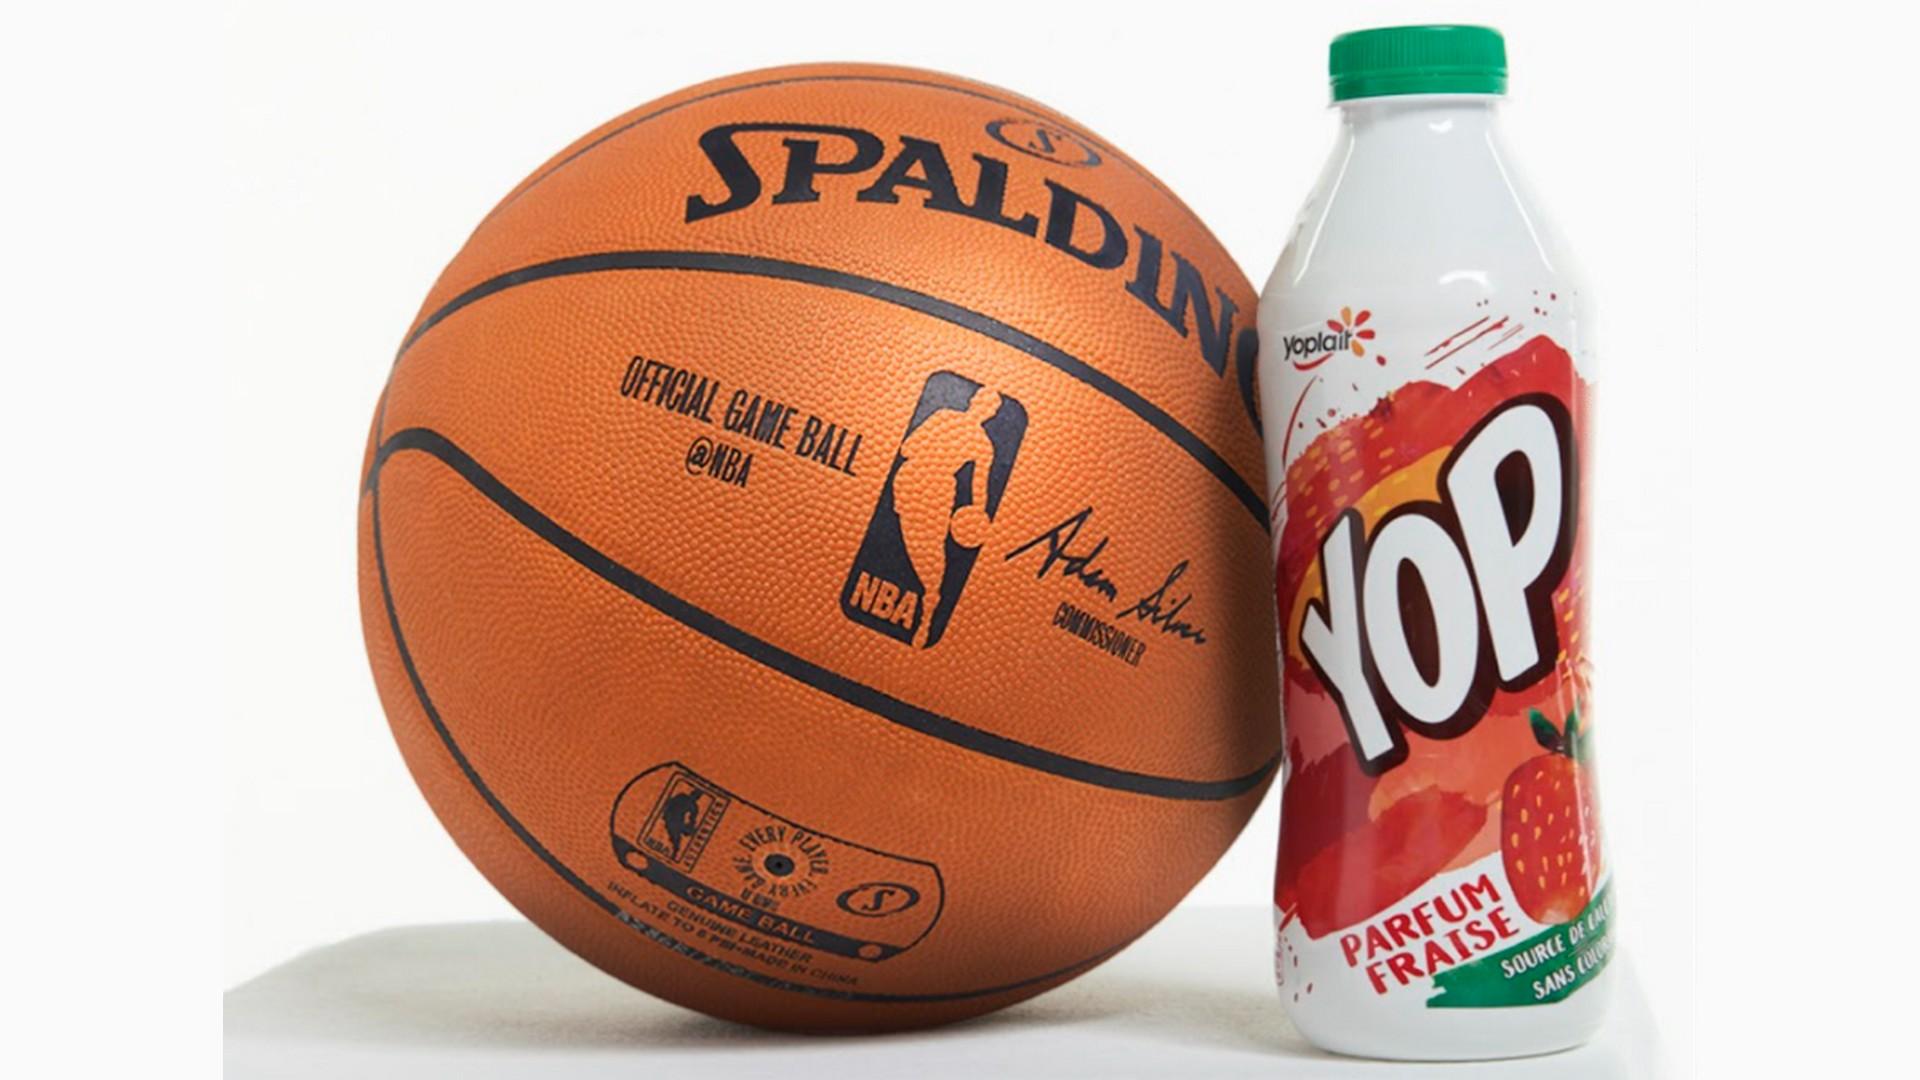 Yop Yoplait x NBA (basket) 2020